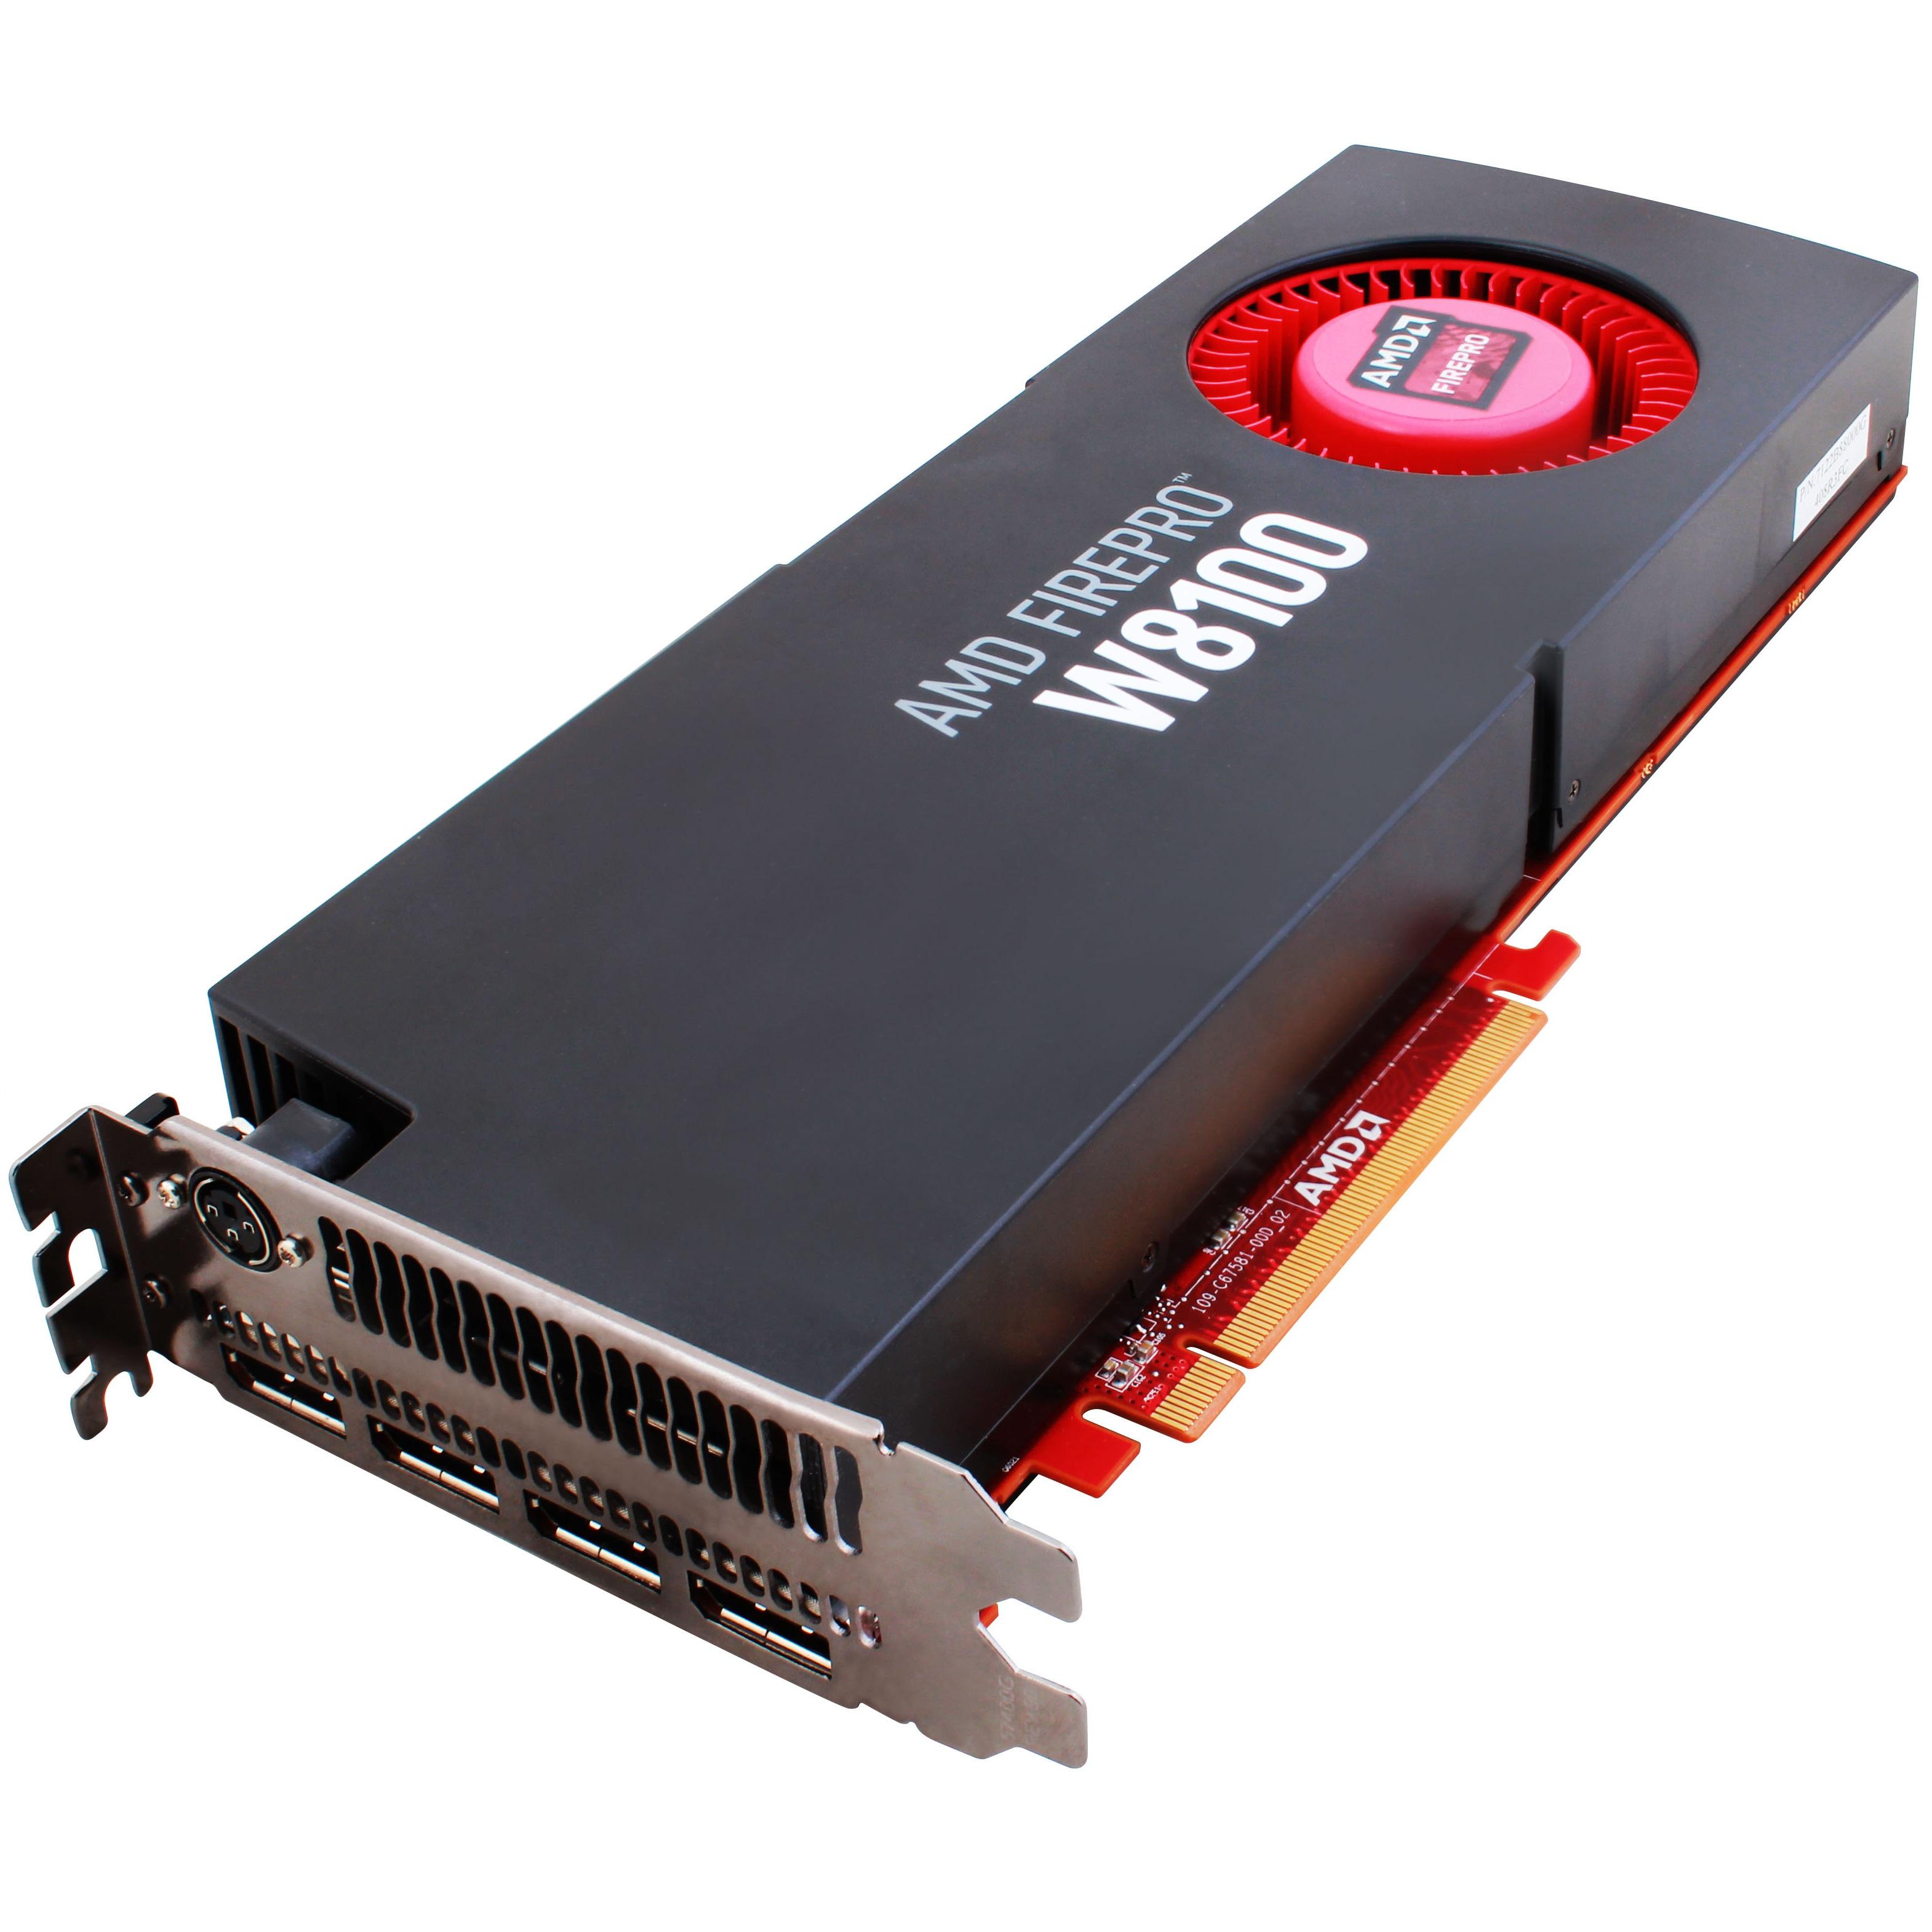 AMD Radeon R9 280X, Radeon R7 260X, Radeon R7 240